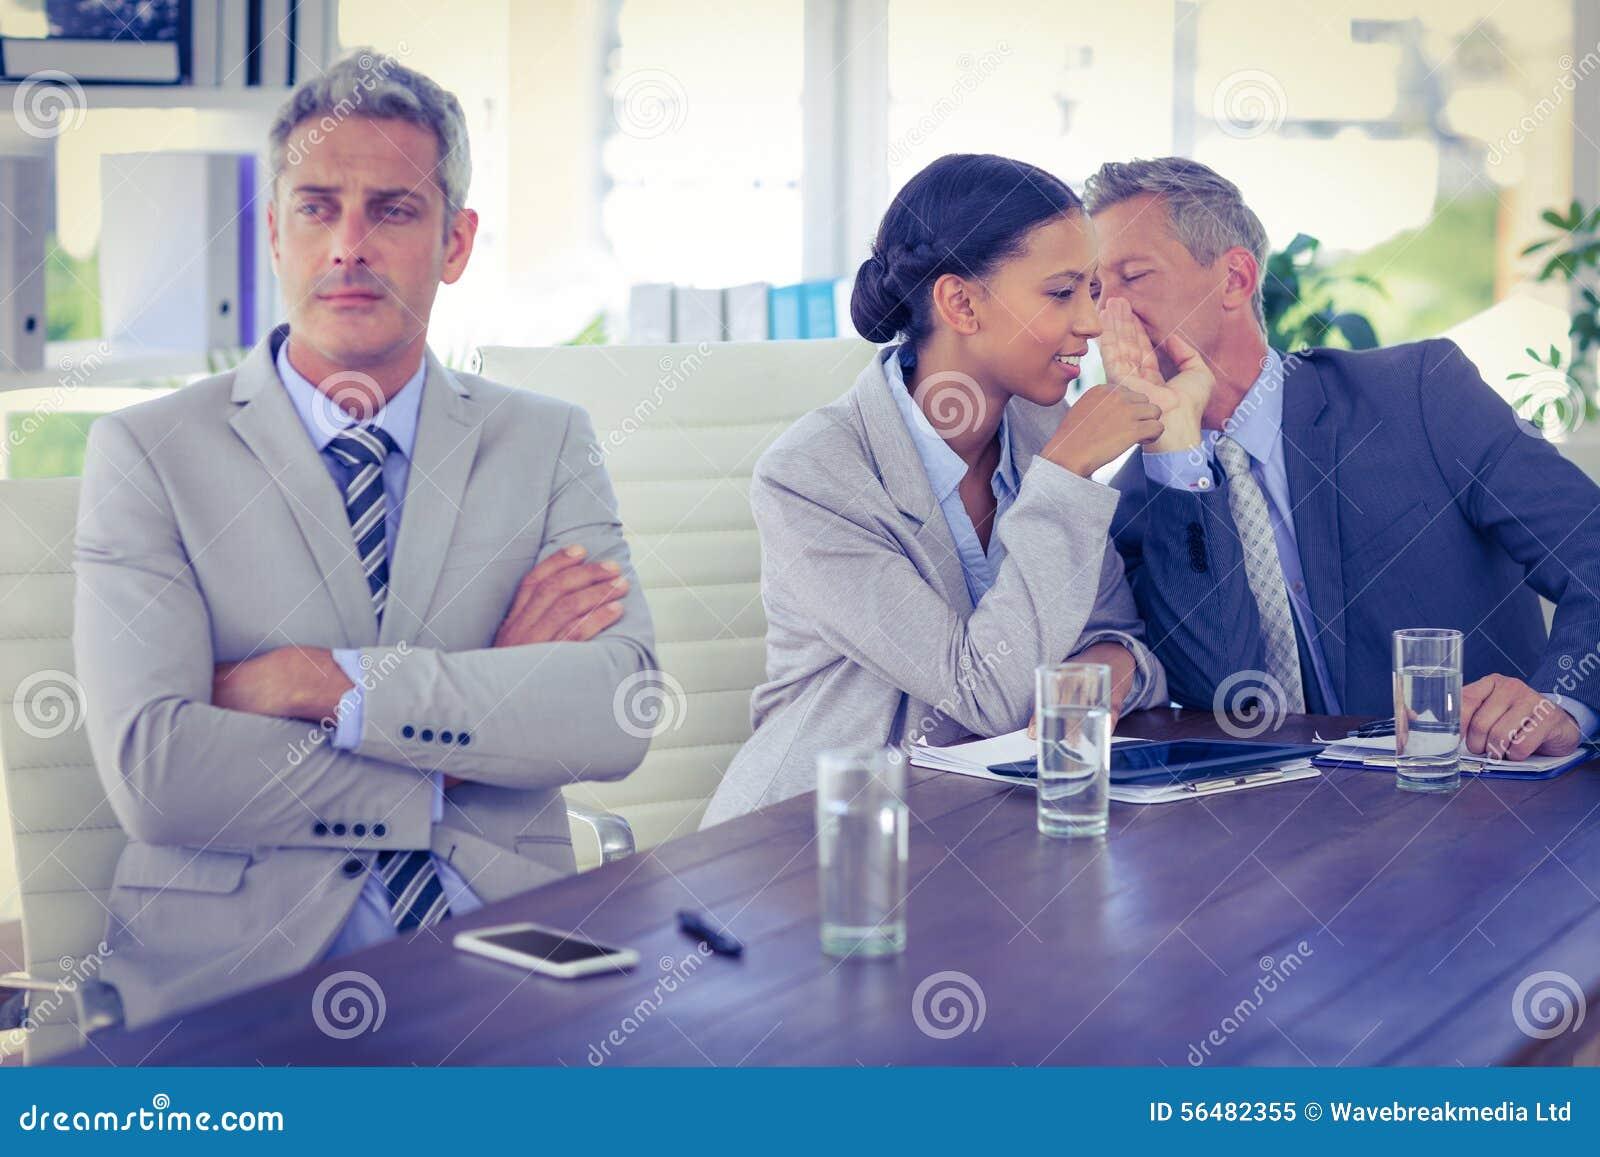 Homme d affaires triste regardant toujours tandis que ses collègues parle